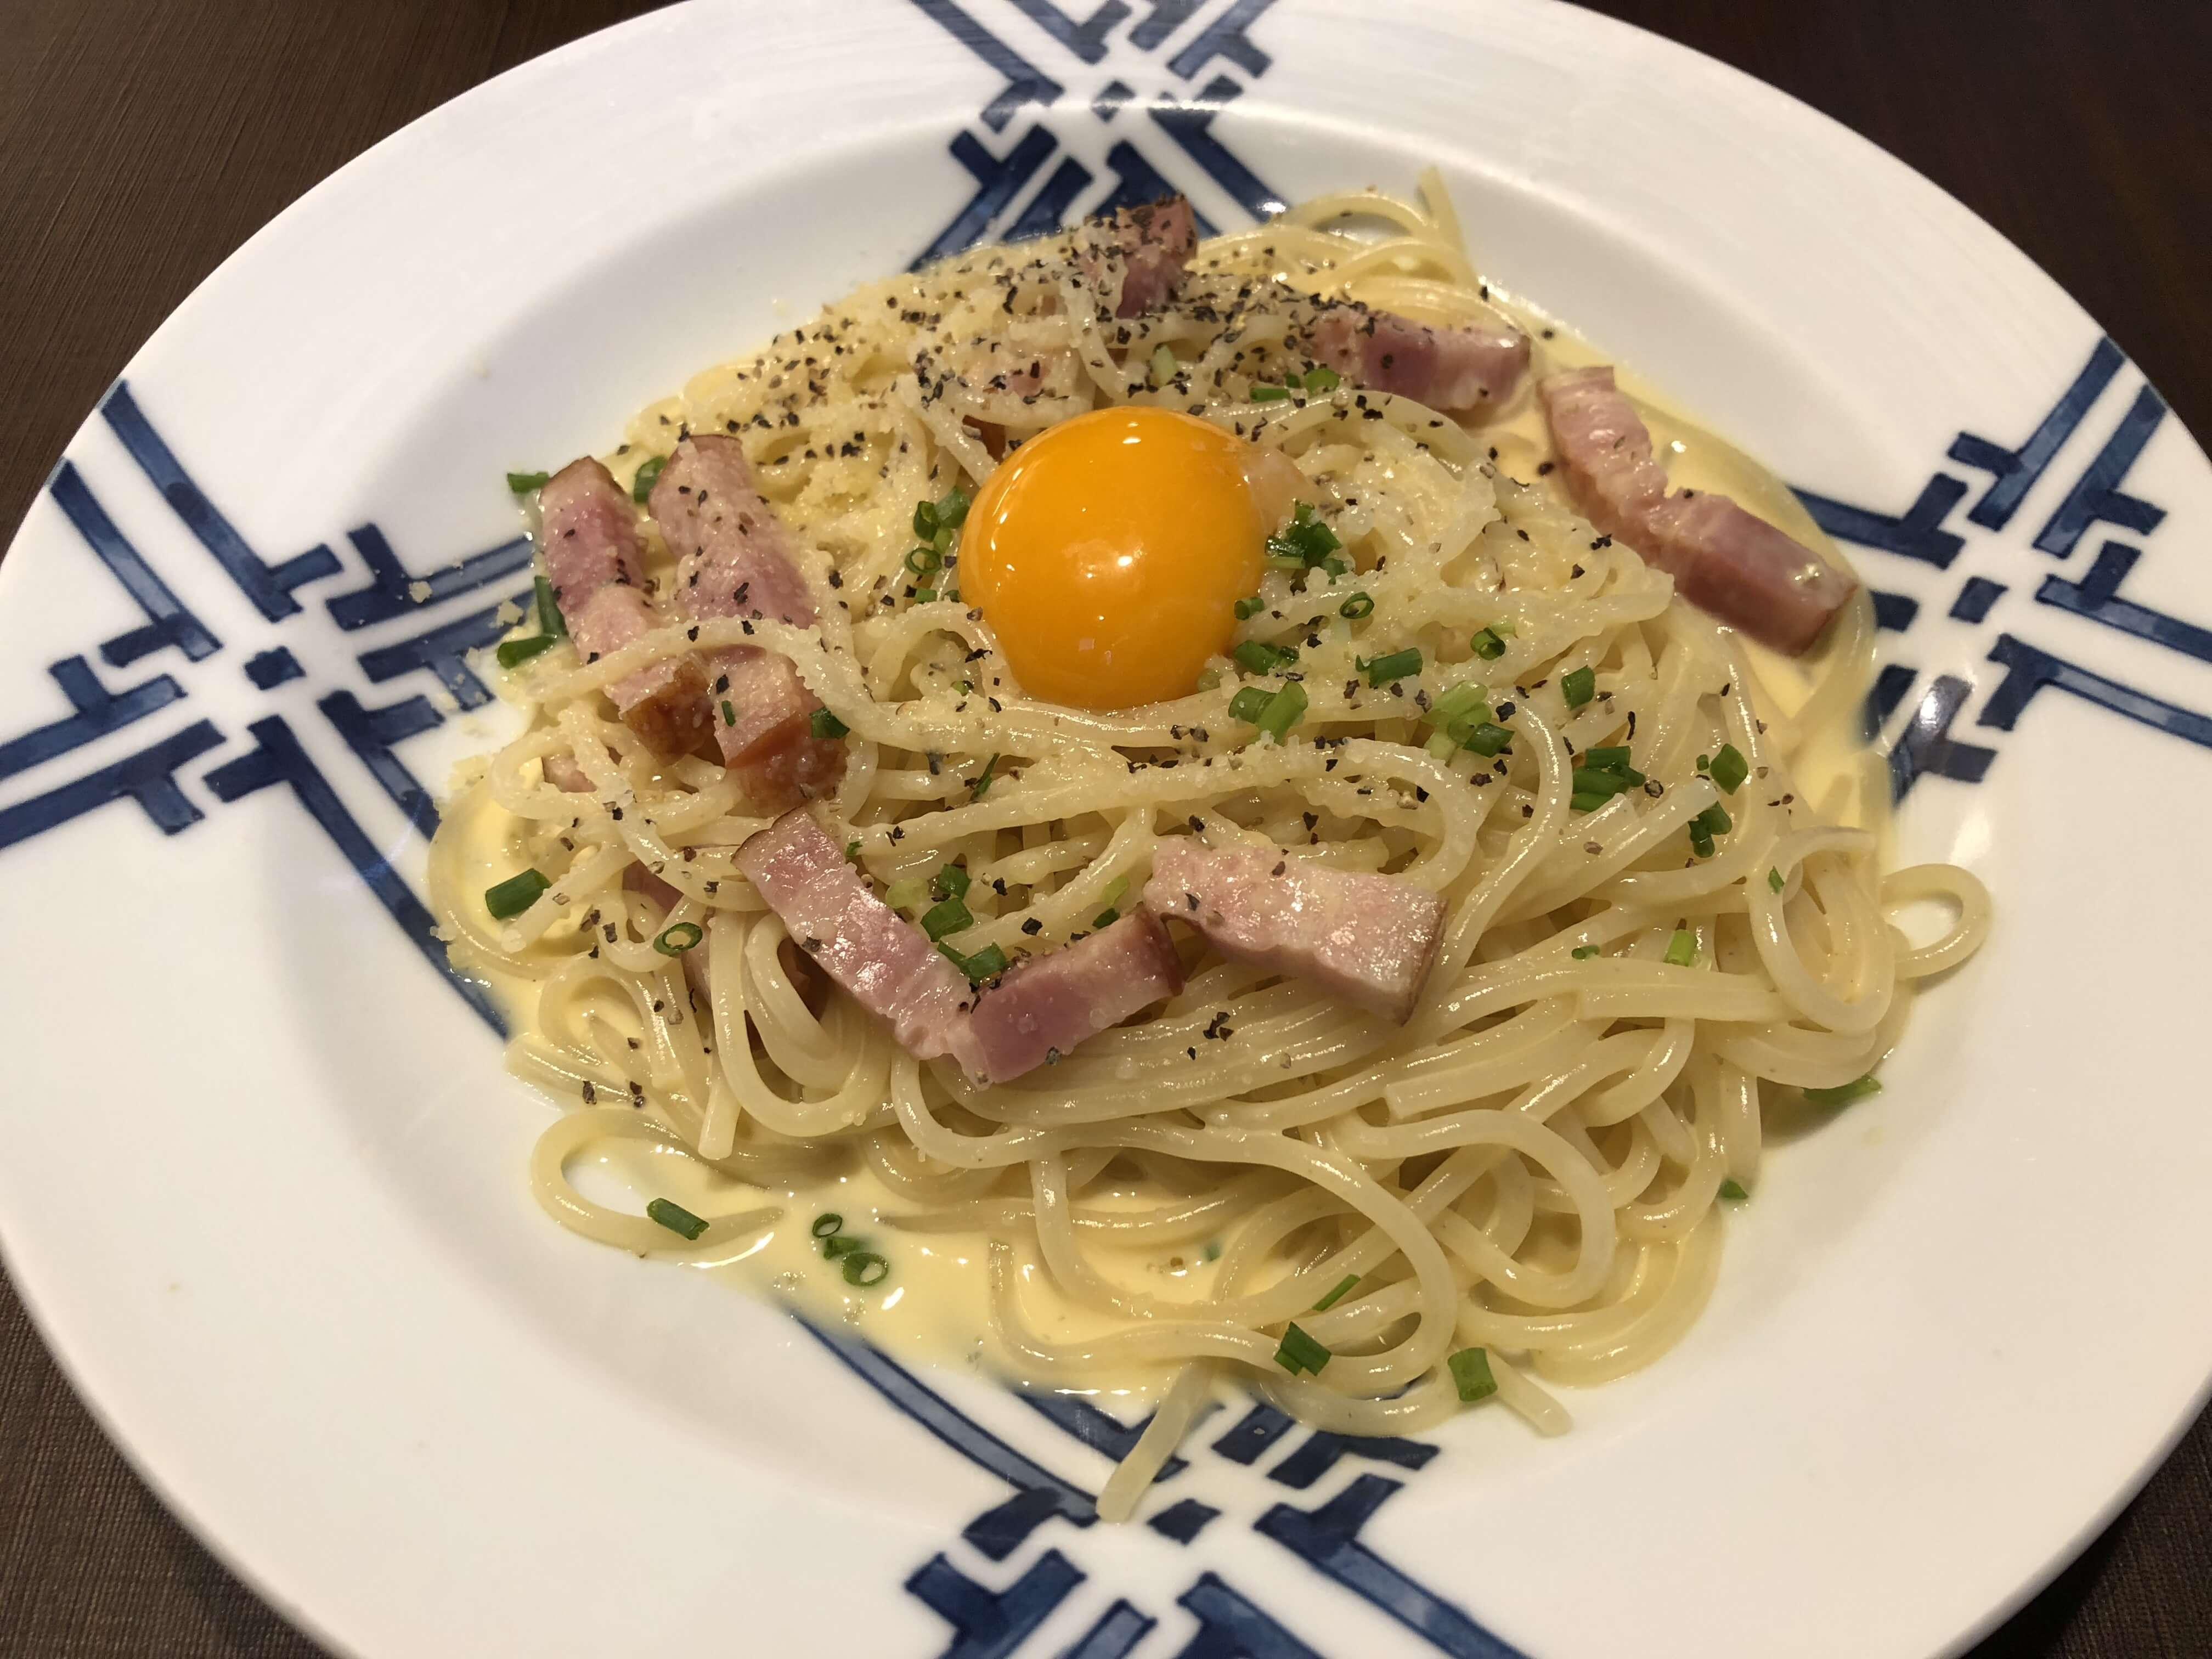 『鎌倉パスタ』生パスタに焼きたてパン食べ放題のお得なランチを食べてみた!!